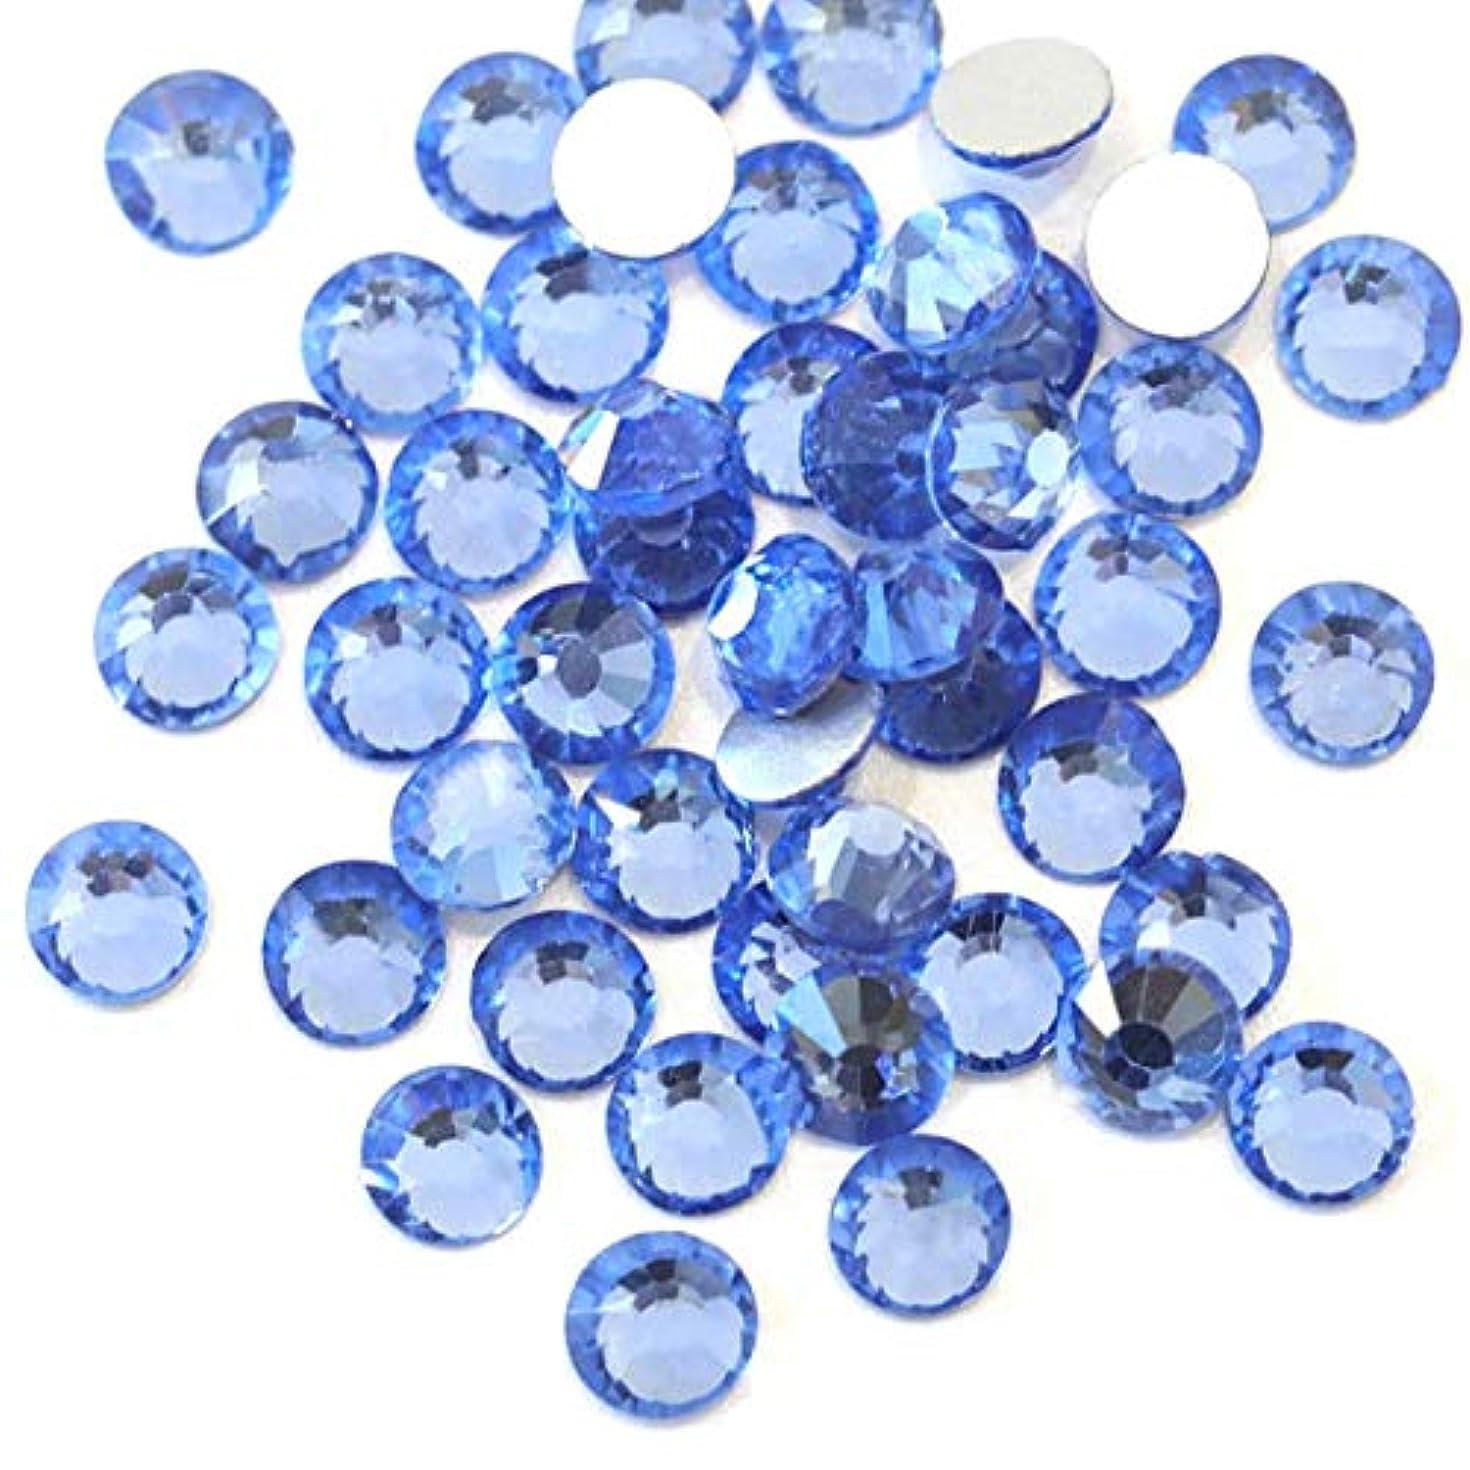 避ける特殊パーチナシティ【ラインストーン77】 ガラス製ラインストーン ライトサファイア 全サイズ(SS3~SS30各1袋×10)